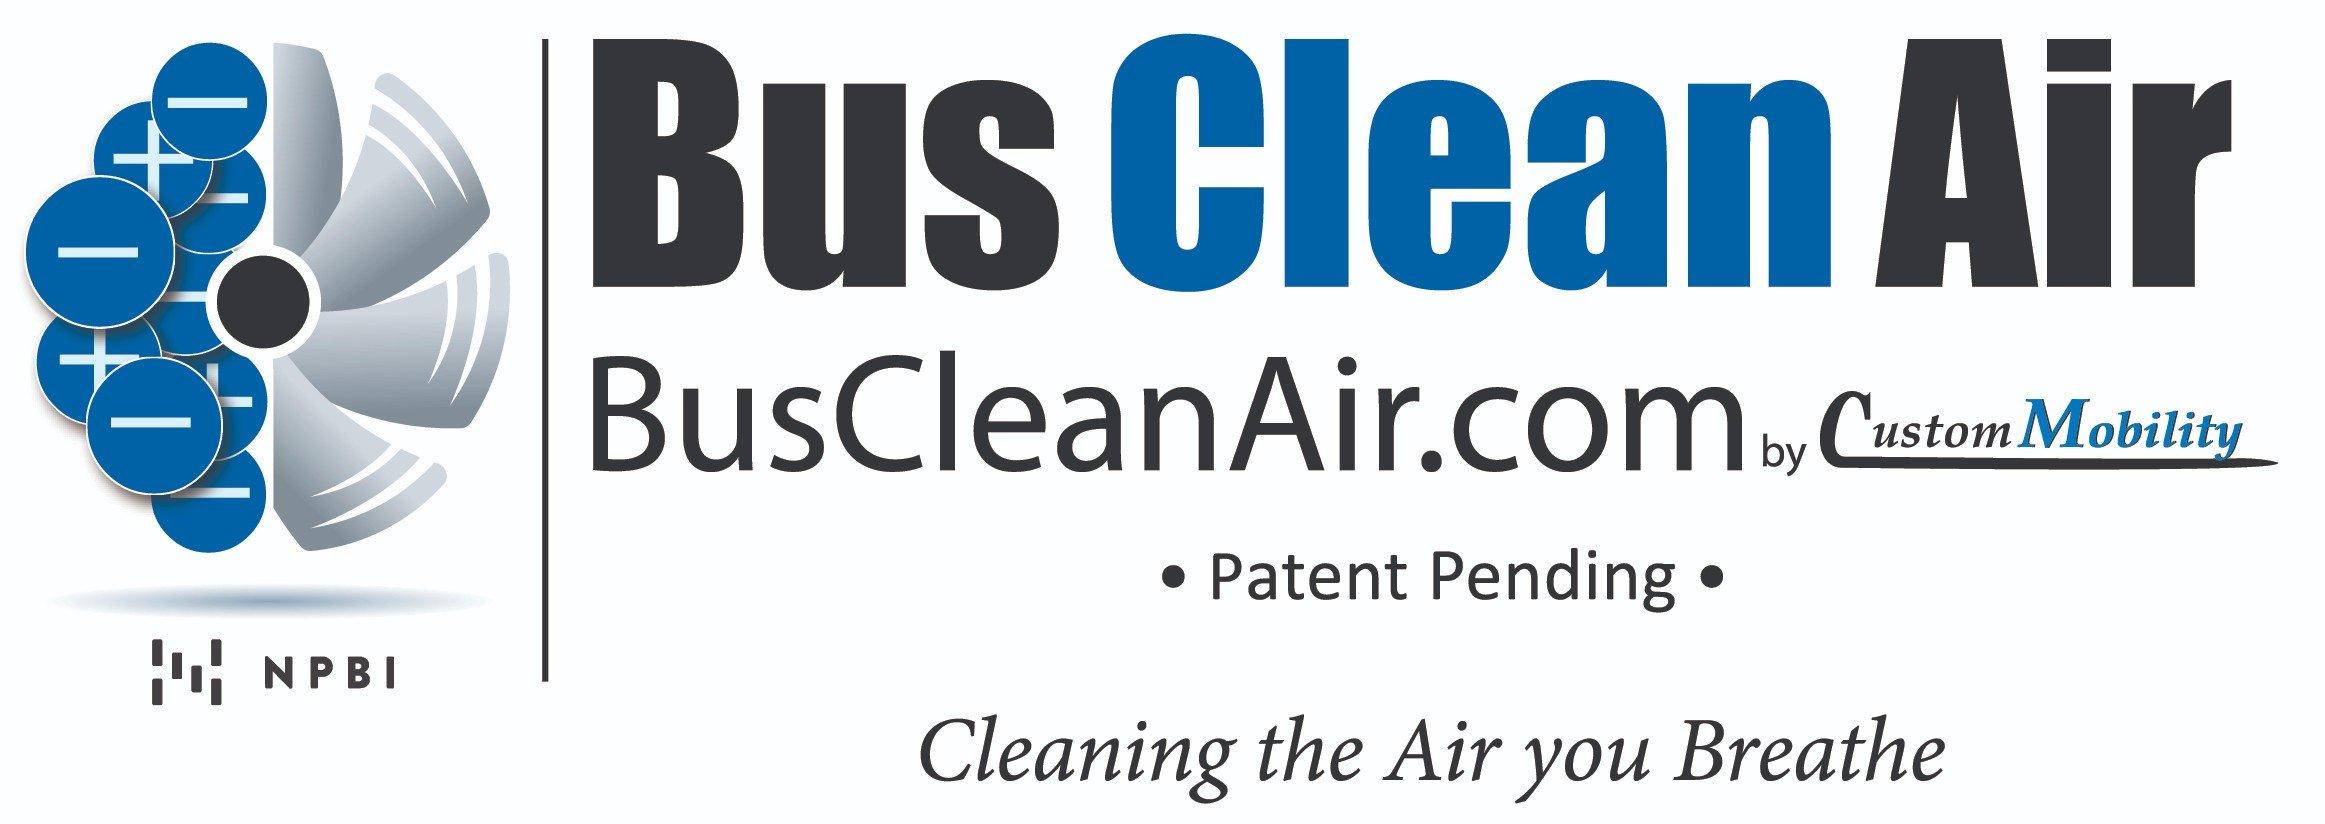 bus clean air